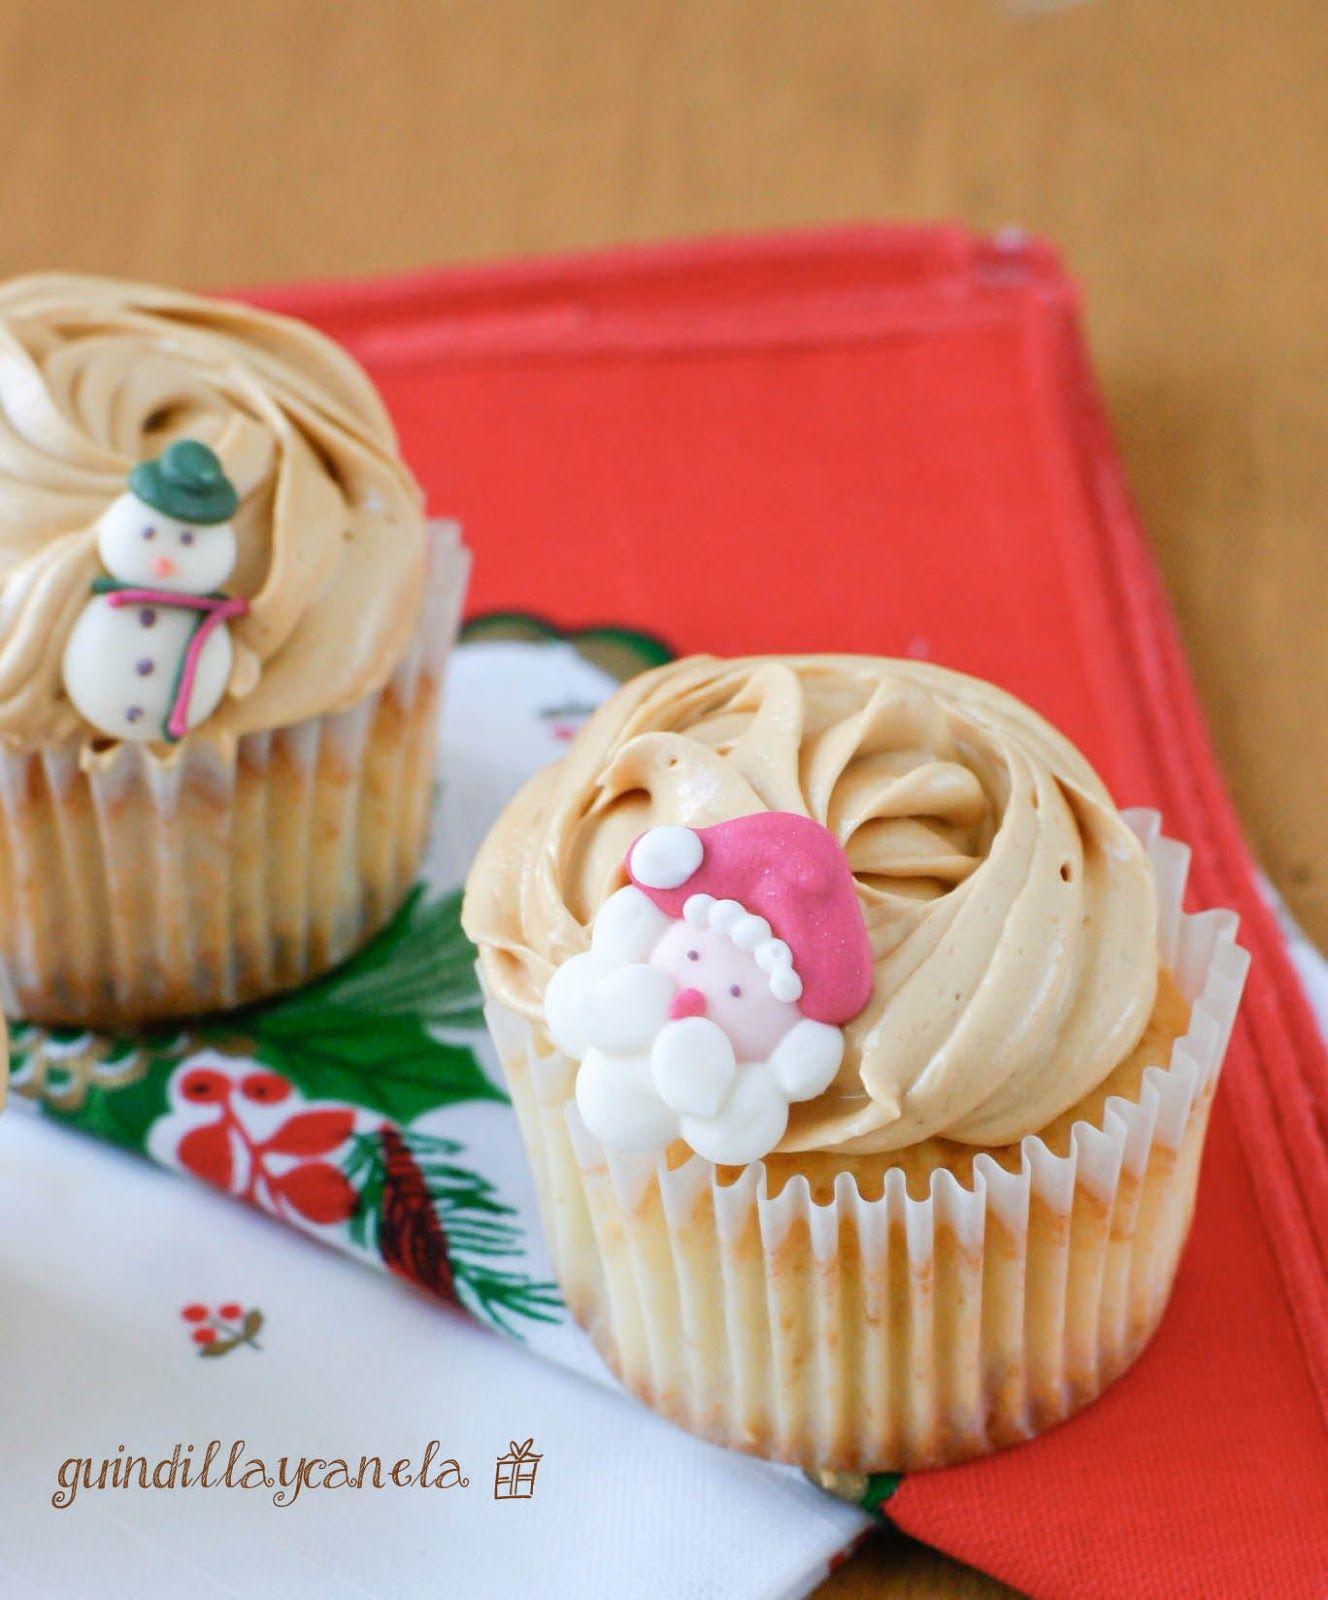 Guindilla y Canela: Cupcakes de turrón. Estamos en Navidad.